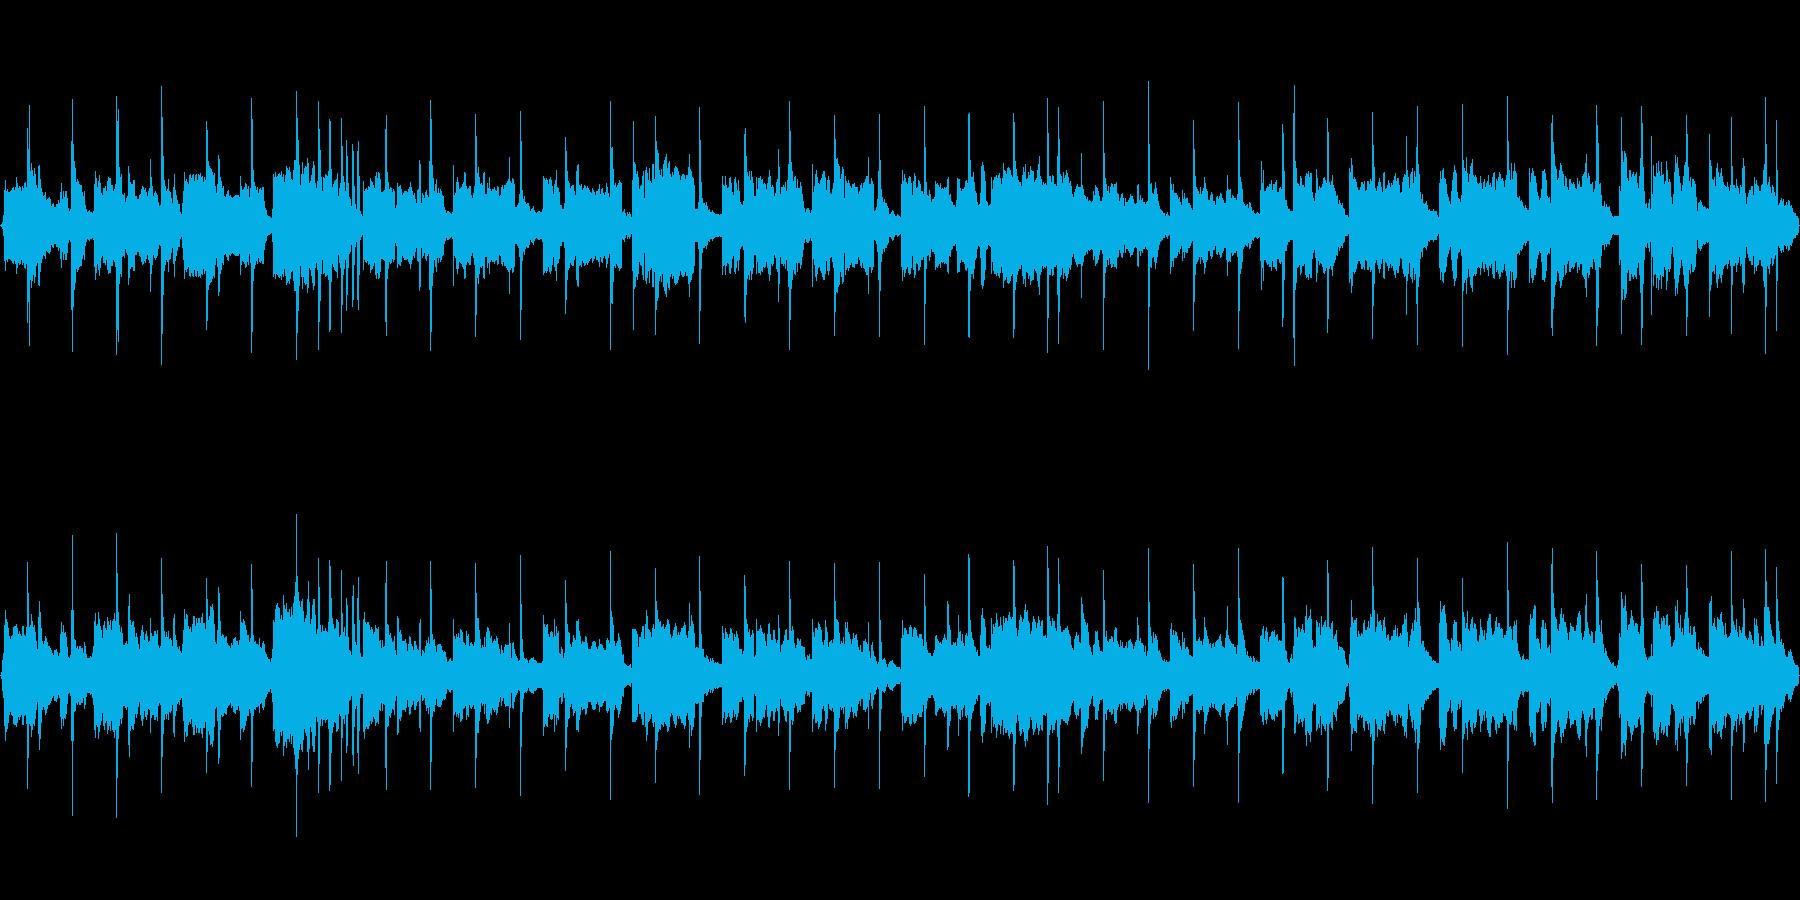 【38秒ループ版】春夏、花咲くイメージ曲の再生済みの波形